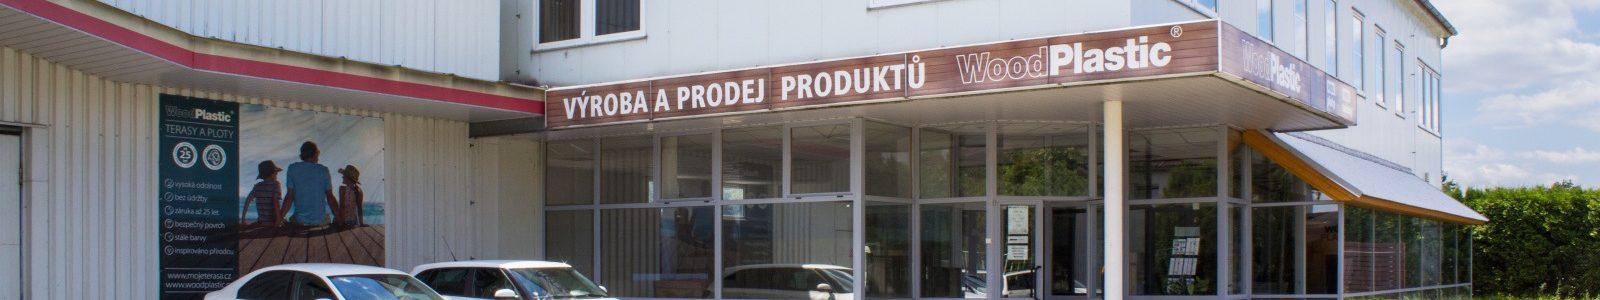 WoodPlastic® terasy centrum Bukovany-novinky